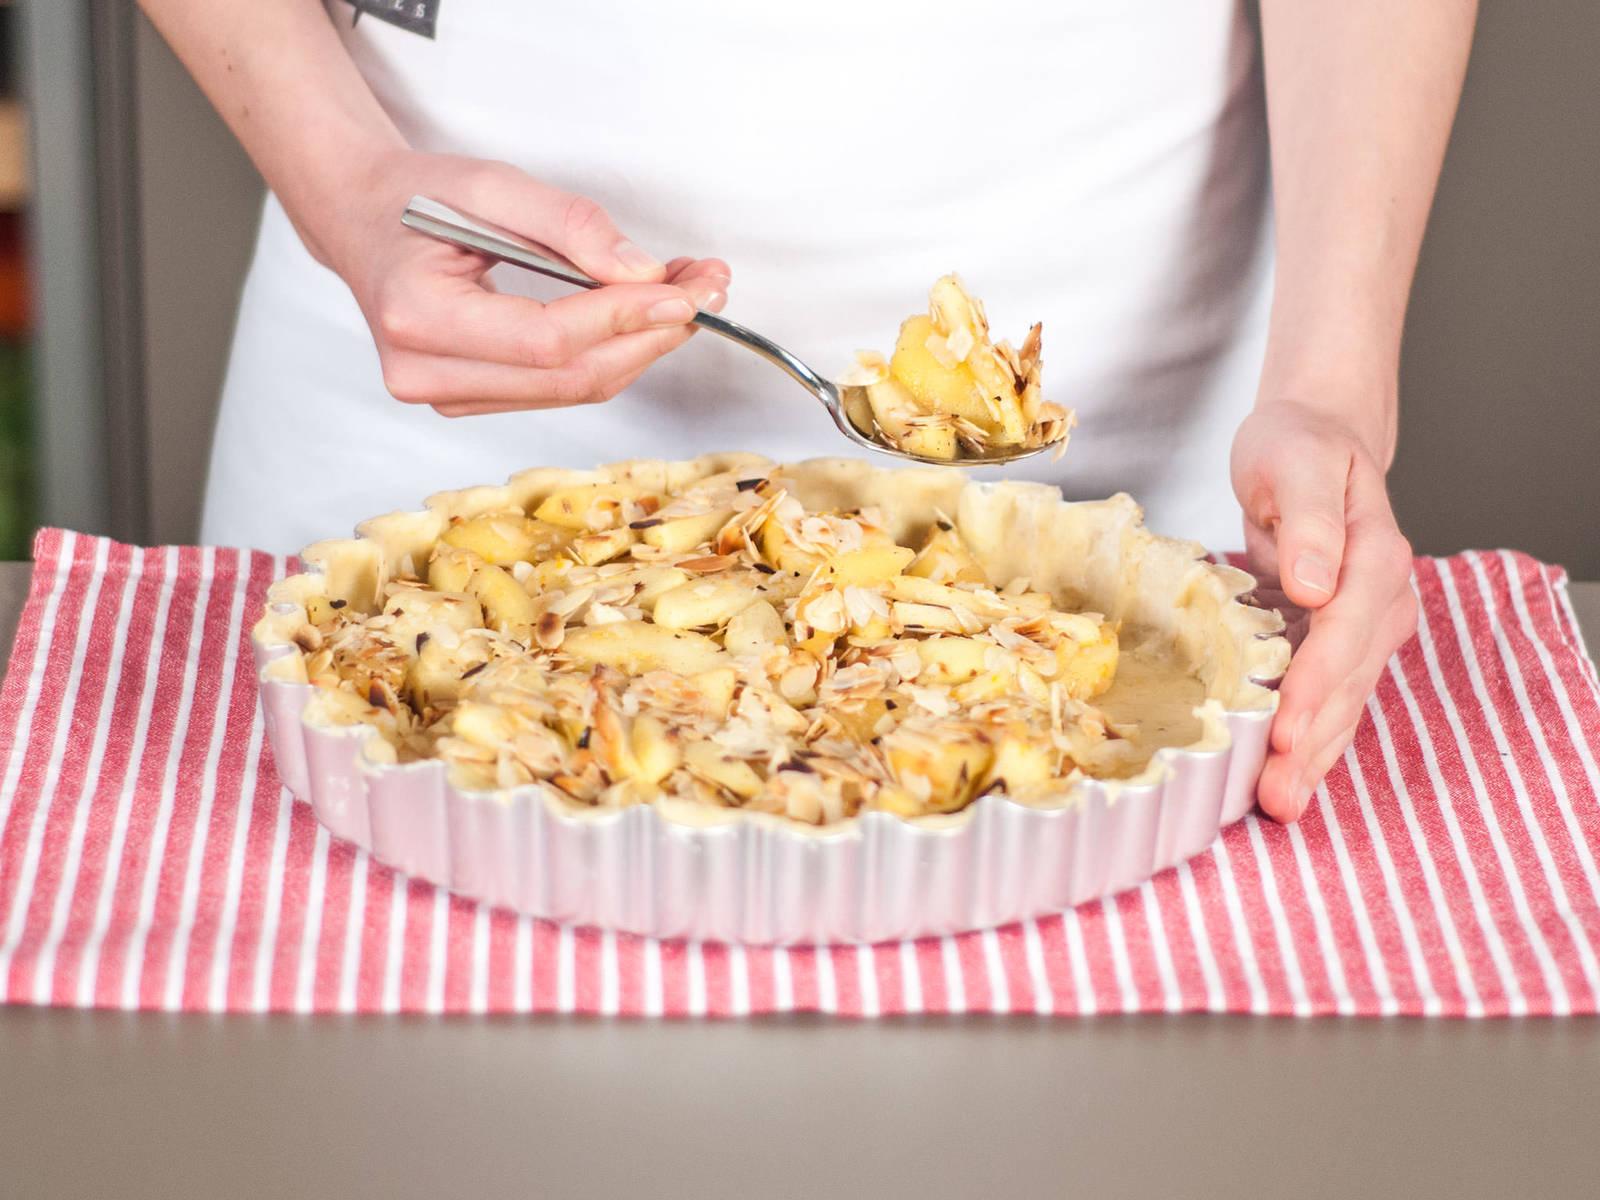 向派盘中填入苹果杏仁混合物,铺放均匀。如有需要,可加入部分煮苹果的汤汁。